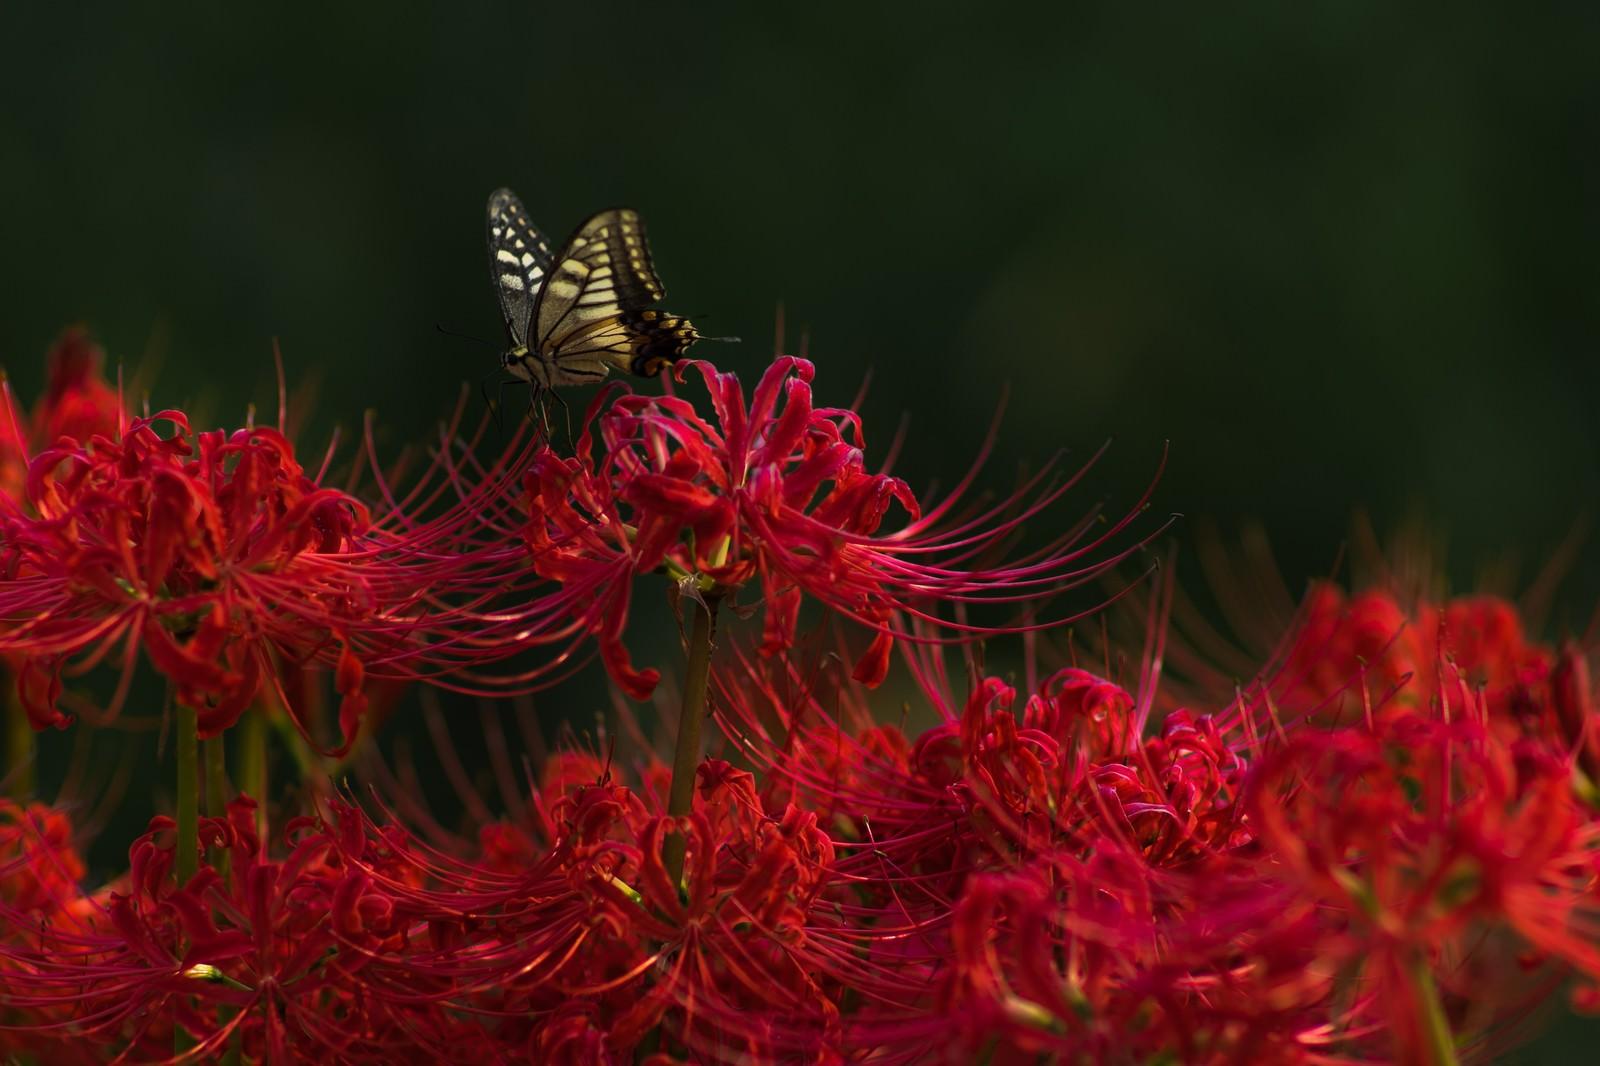 「彼岸花と揚羽蝶」の写真